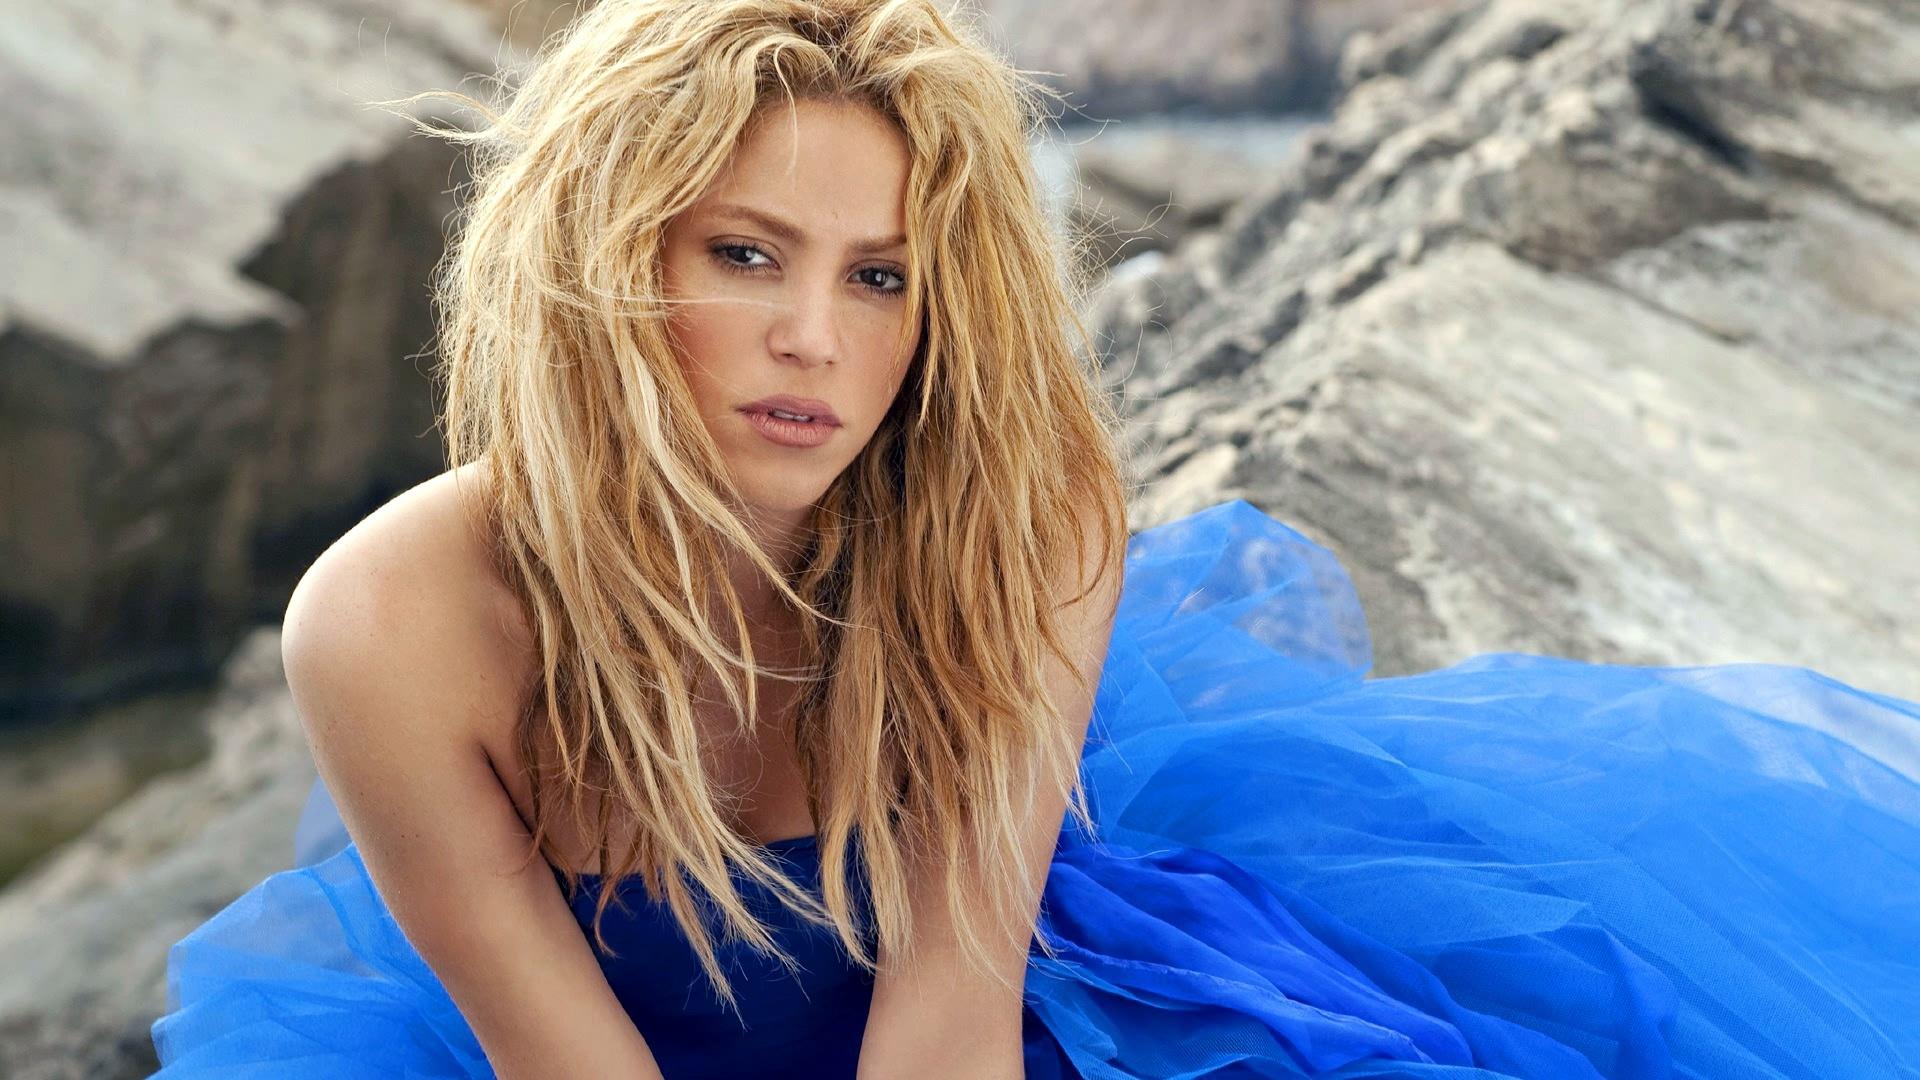 Shakira - Shakira Wallpaper (27722014) - Fanpop Shakira